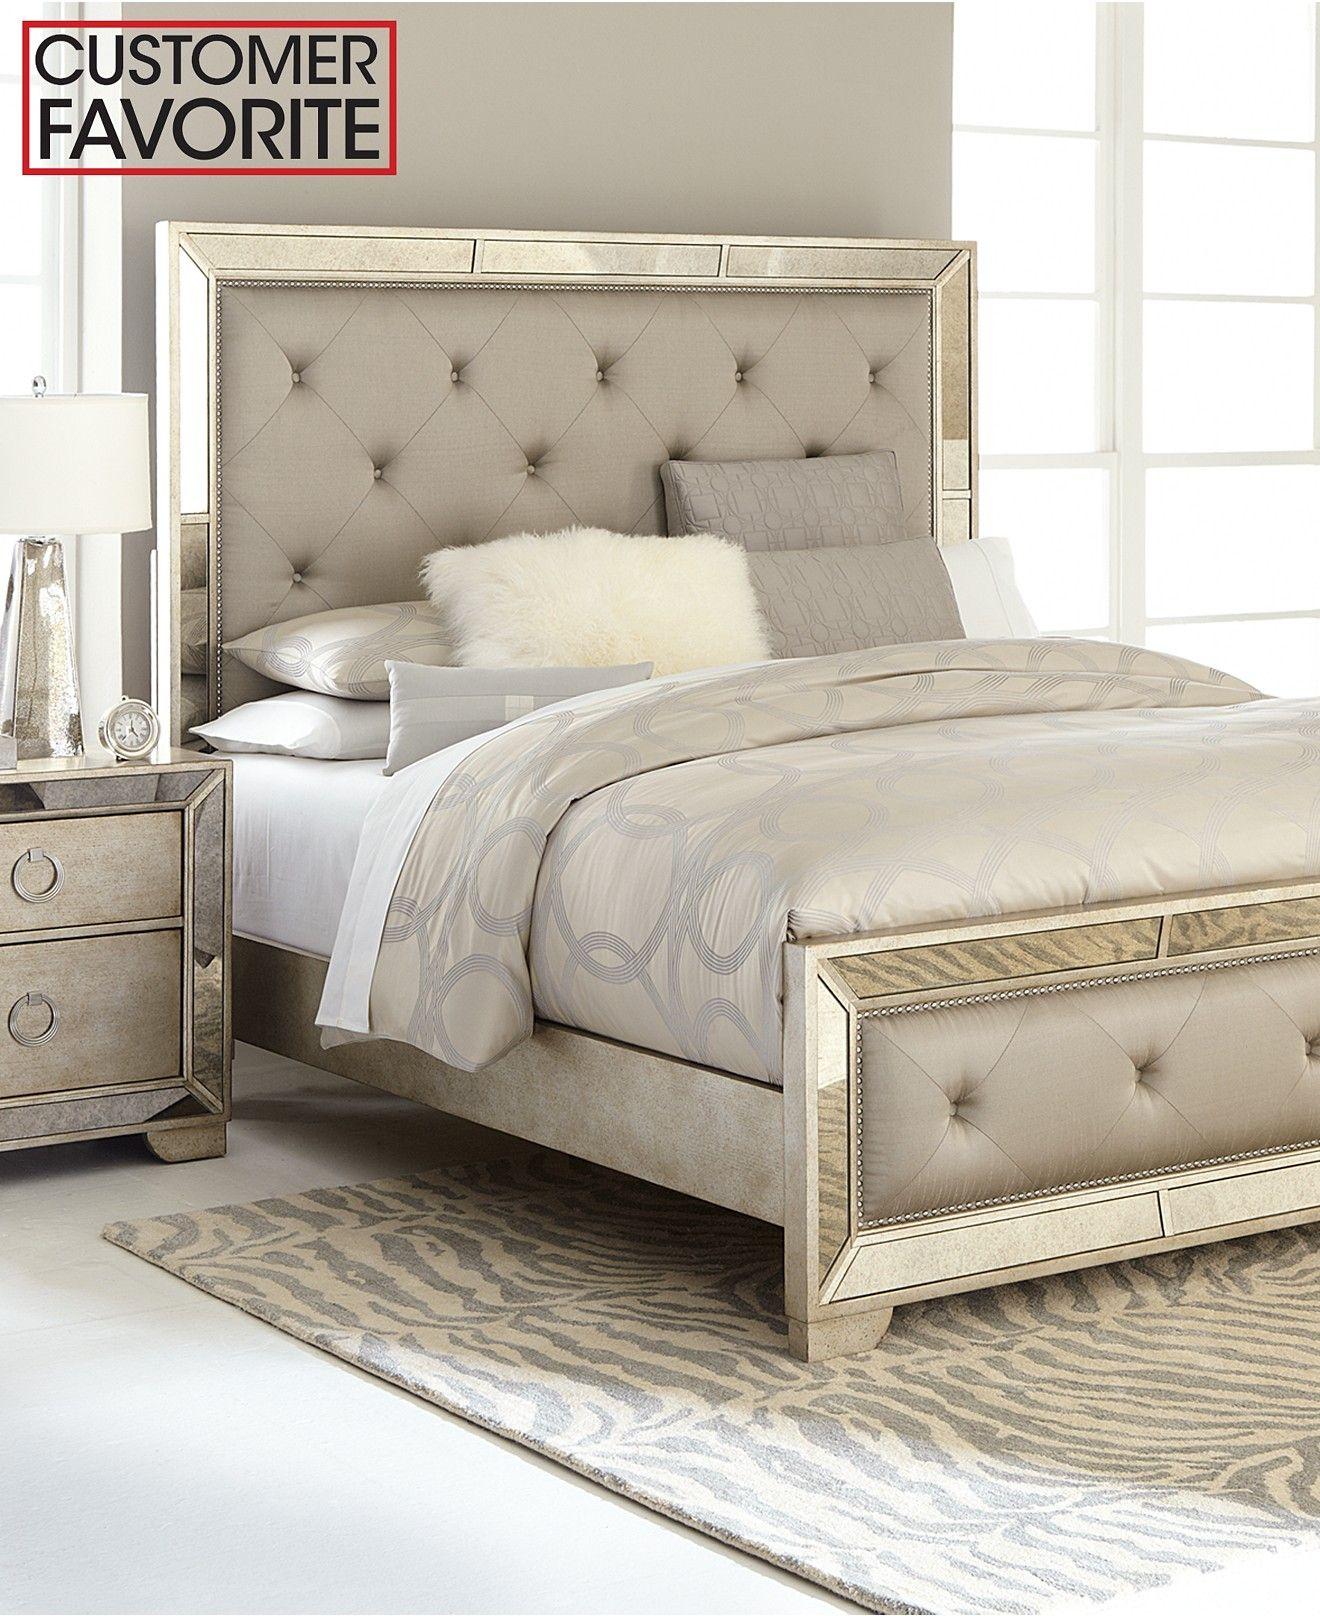 Ailey Queen 3-Pc. Bedroom Set (Bed, Nightstand & Dresser) | Ideas de ...